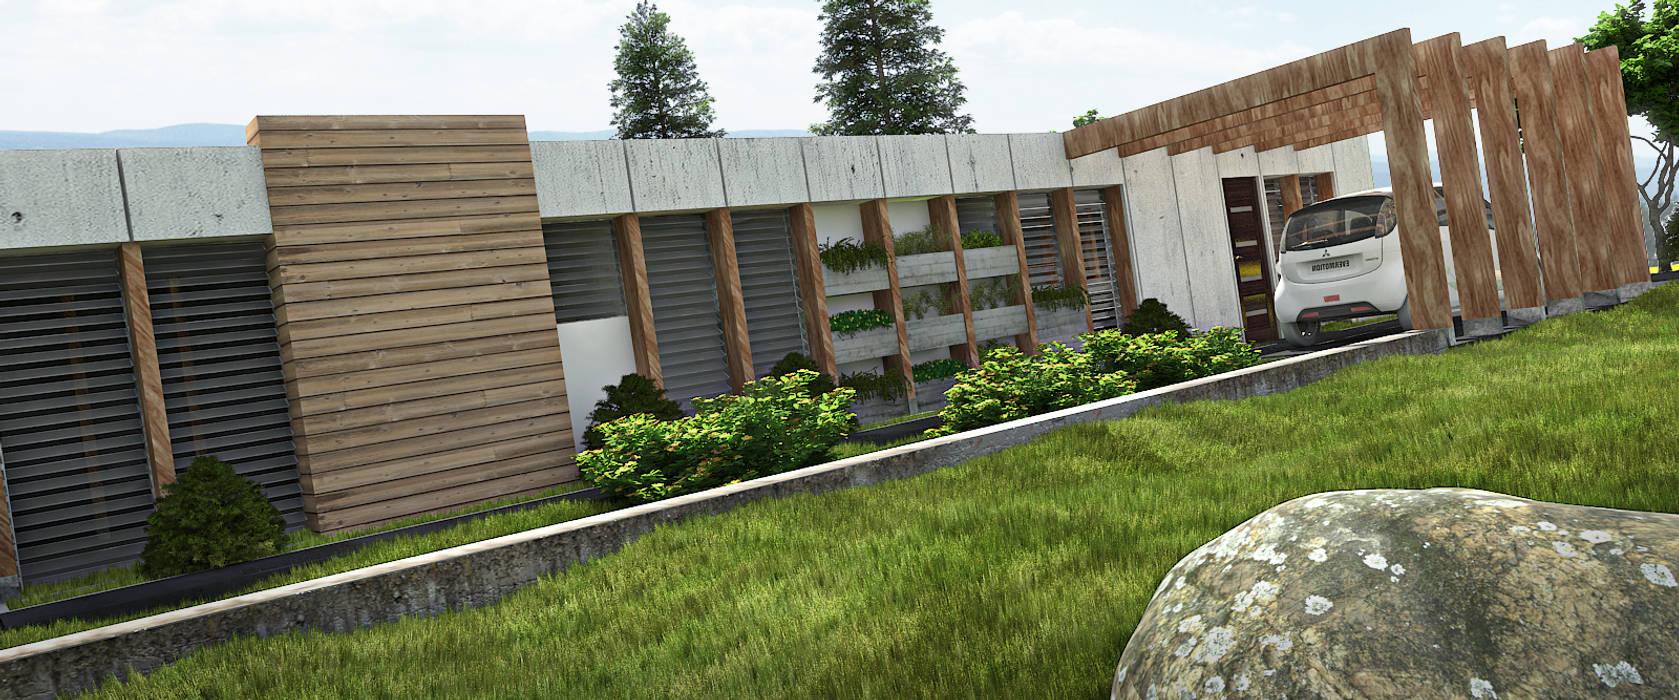 AREA DE AMPLIACION Y PLANTACION : Casas de estilo minimalista por Arq.AngelMedina+